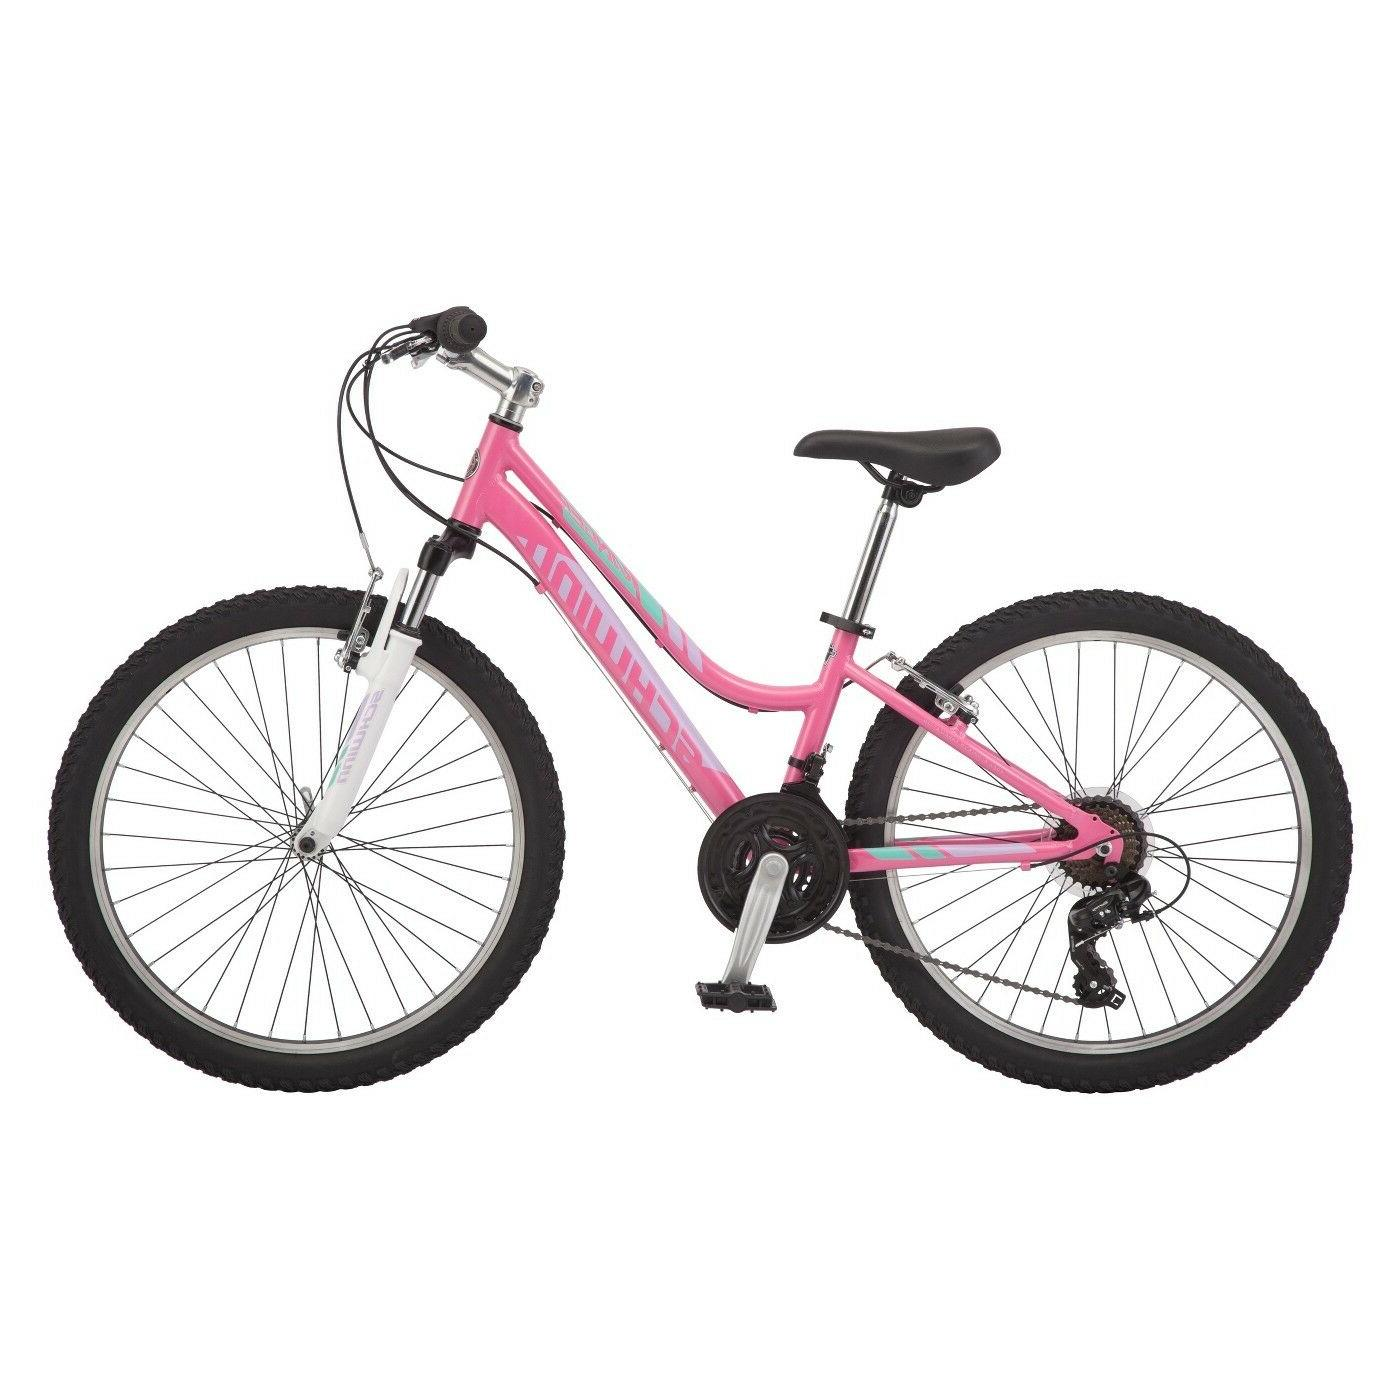 2018 Ranger Girl's Mountain Bike, IN,